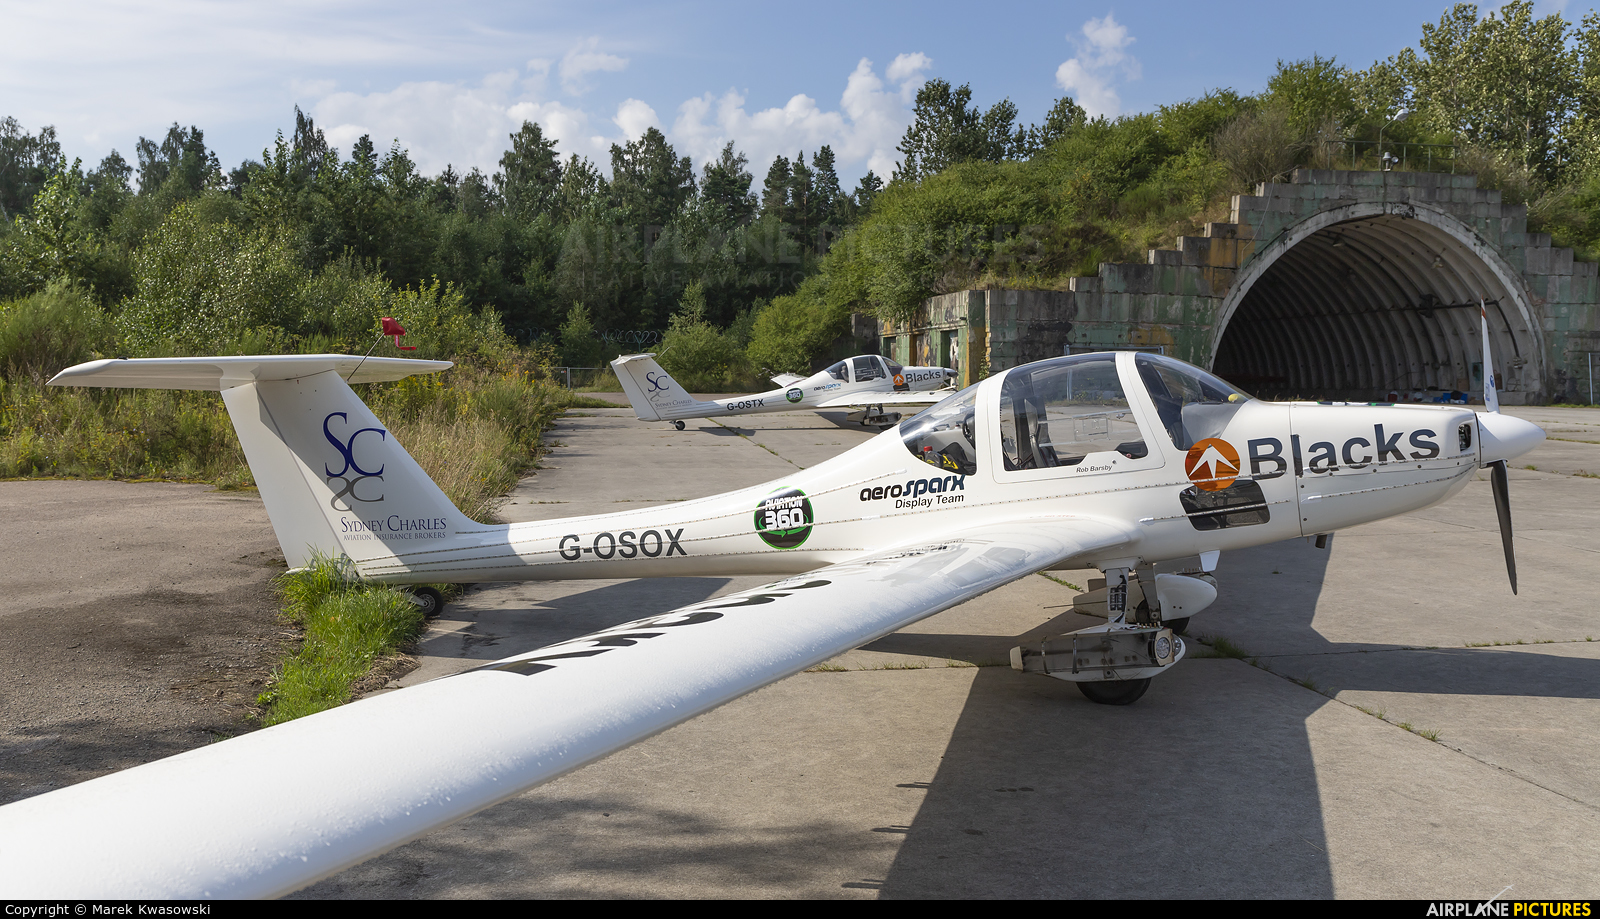 Aerosparx Display Team G-OSOX aircraft at Gdynia- Babie Doły (Oksywie)